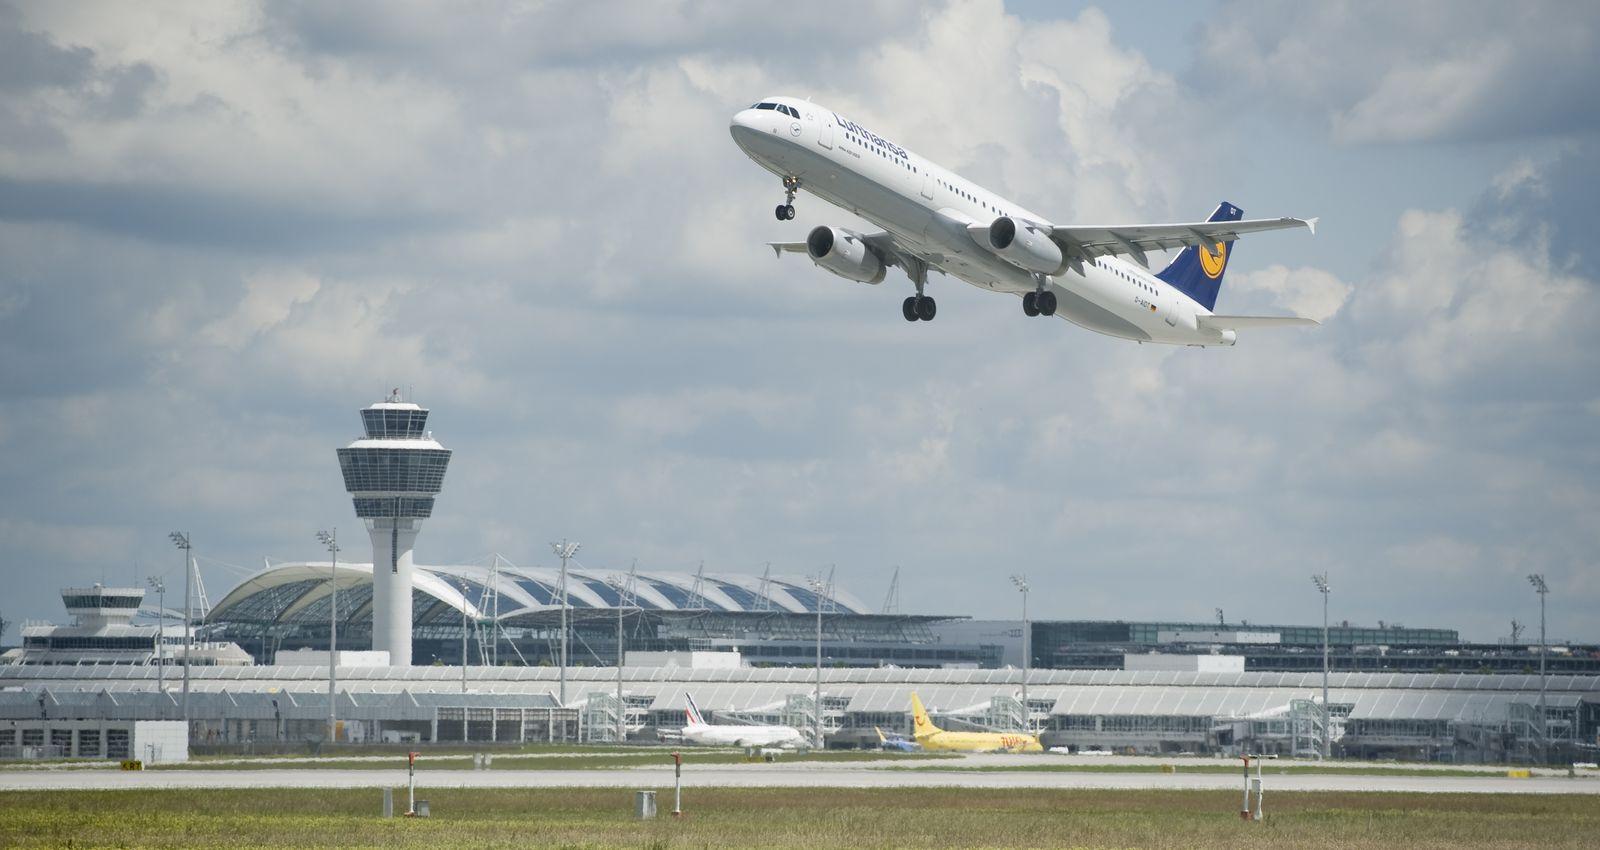 NICHT VERWENDEN Lufthansa / Flughafen / München